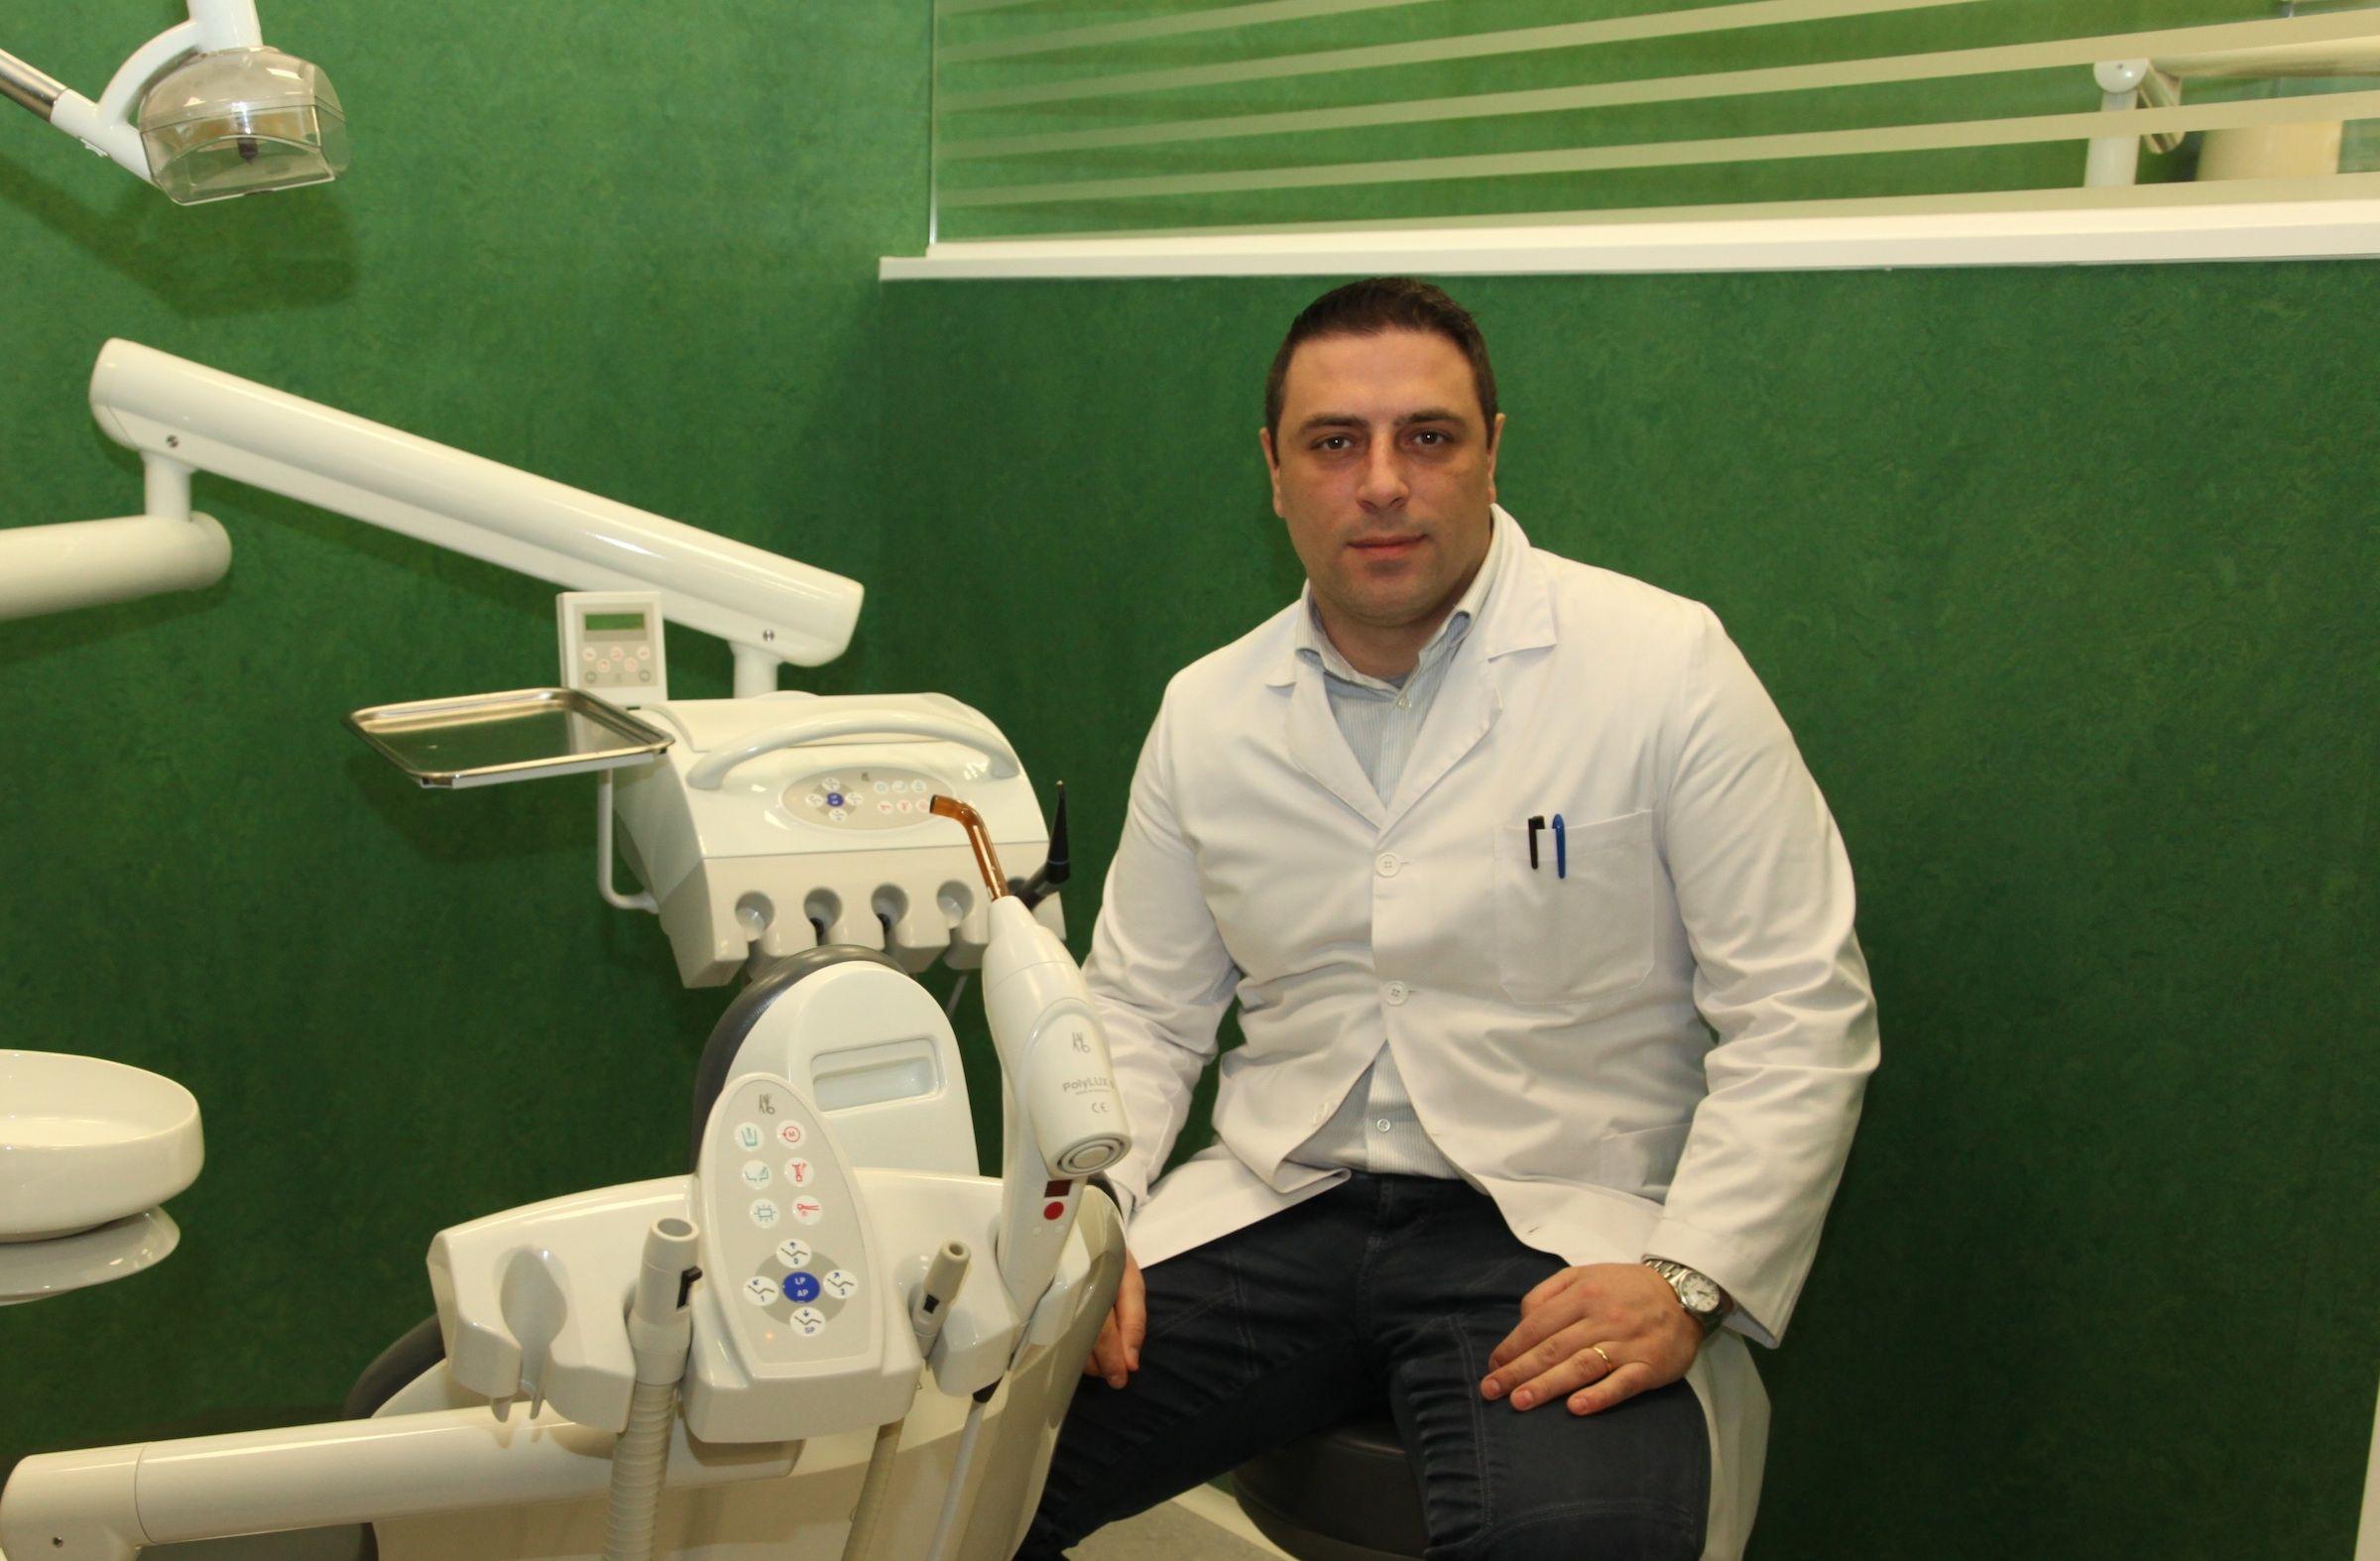 El doctor Salvatore Sauro, profesor de Dentristry de la Universidad CEU Cardenal Herrera.